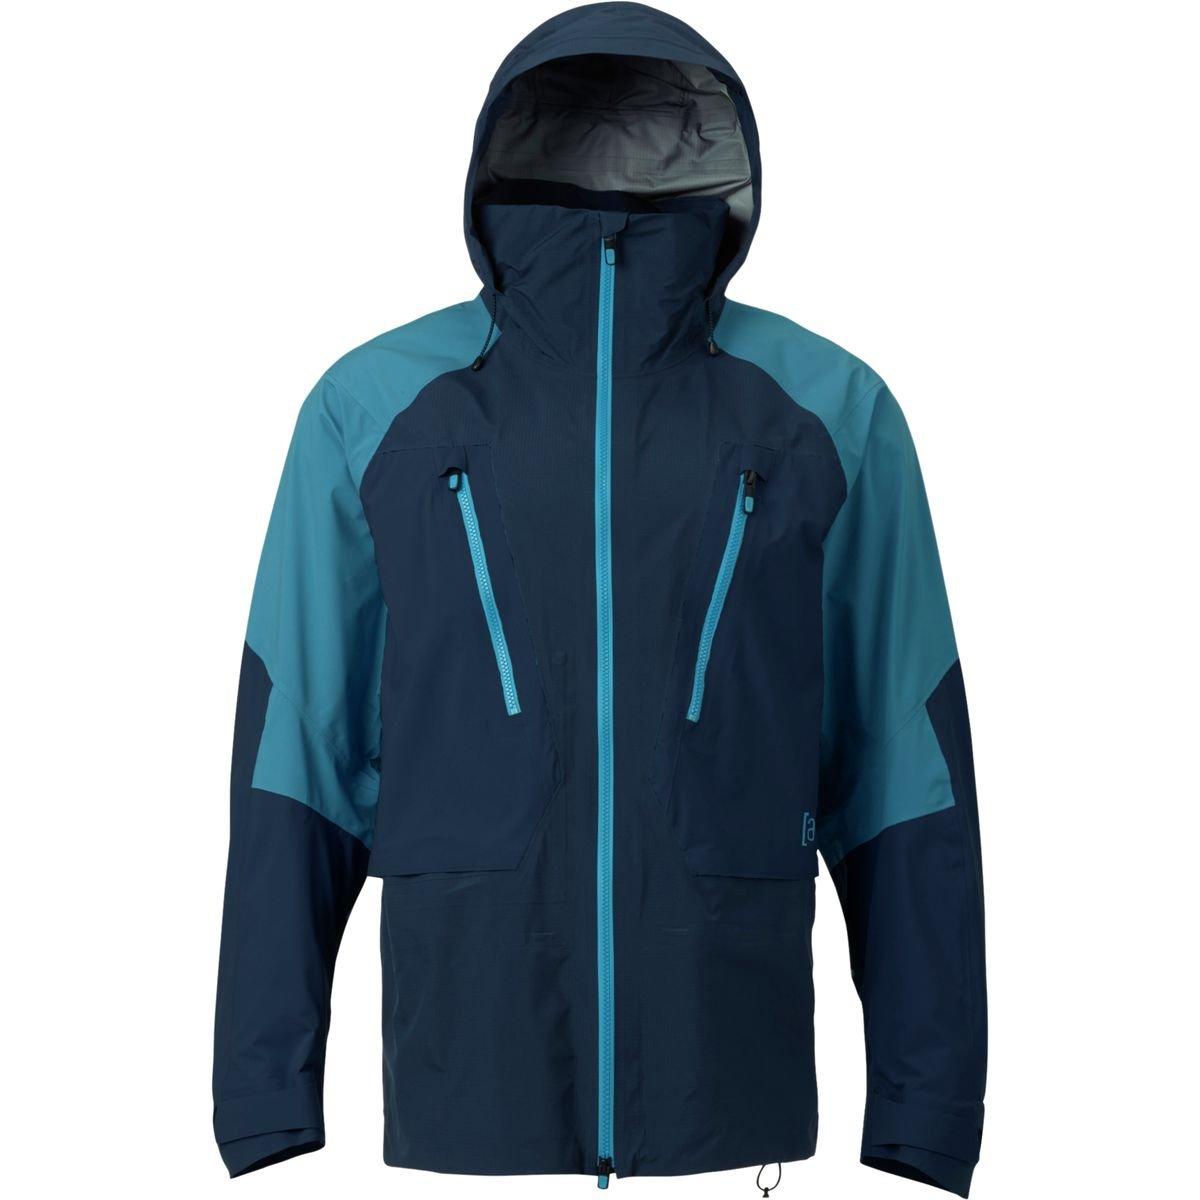 (バートン) Burton AK 3L Freebird Gore-Tex Jacket メンズ ジャケットMood Indigo/Mountaineer [並行輸入品] B076WW28TW 日本サイズ L (US M)|Mood Indigo/Mountaineer Mood Indigo/Mountaineer 日本サイズ L (US M)